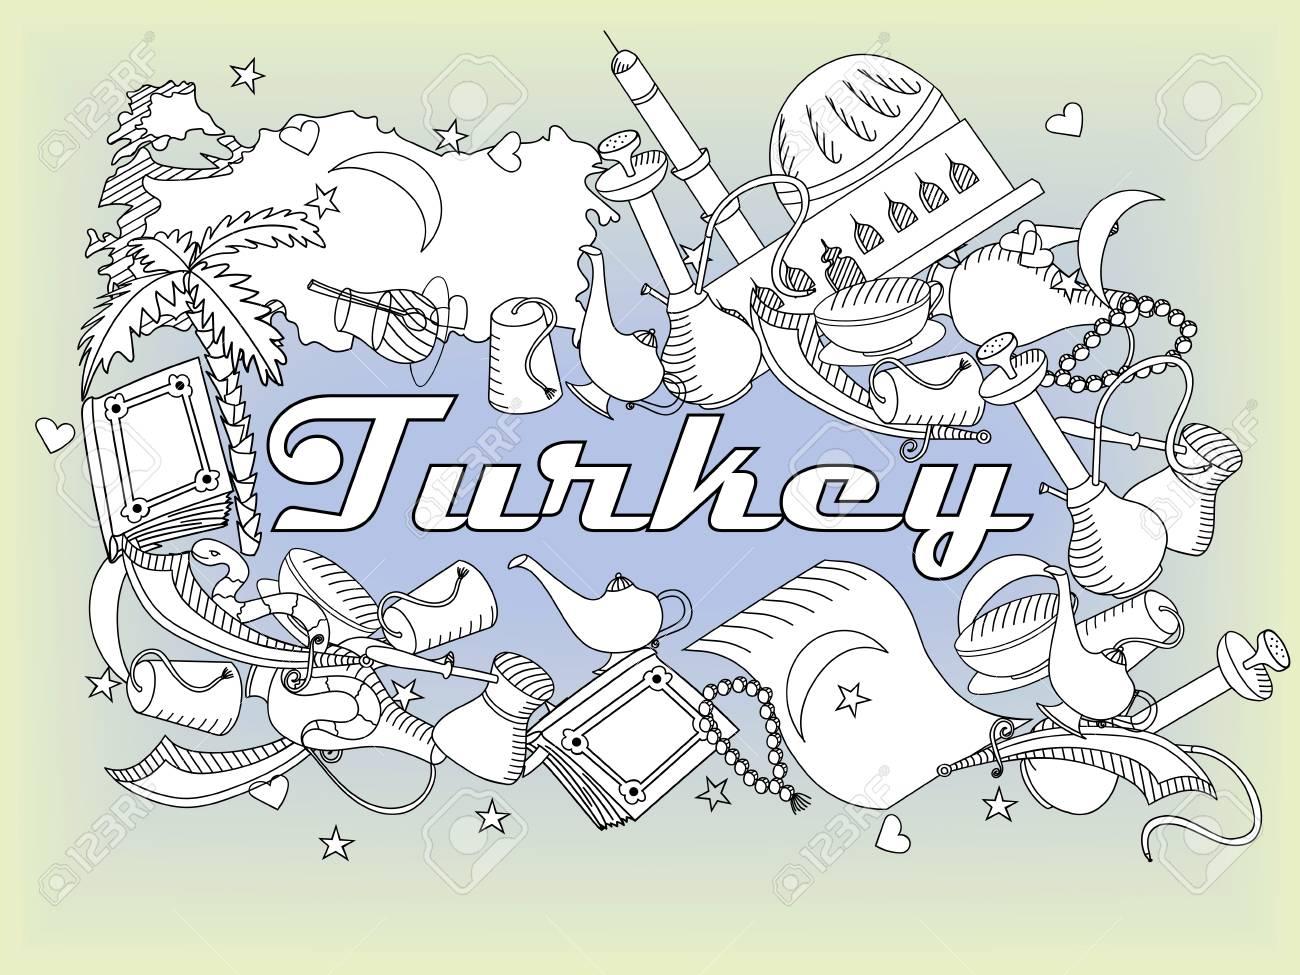 Wunderbar Druckbare Türkei Malvorlagen Fotos - Druckbare Malvorlagen ...